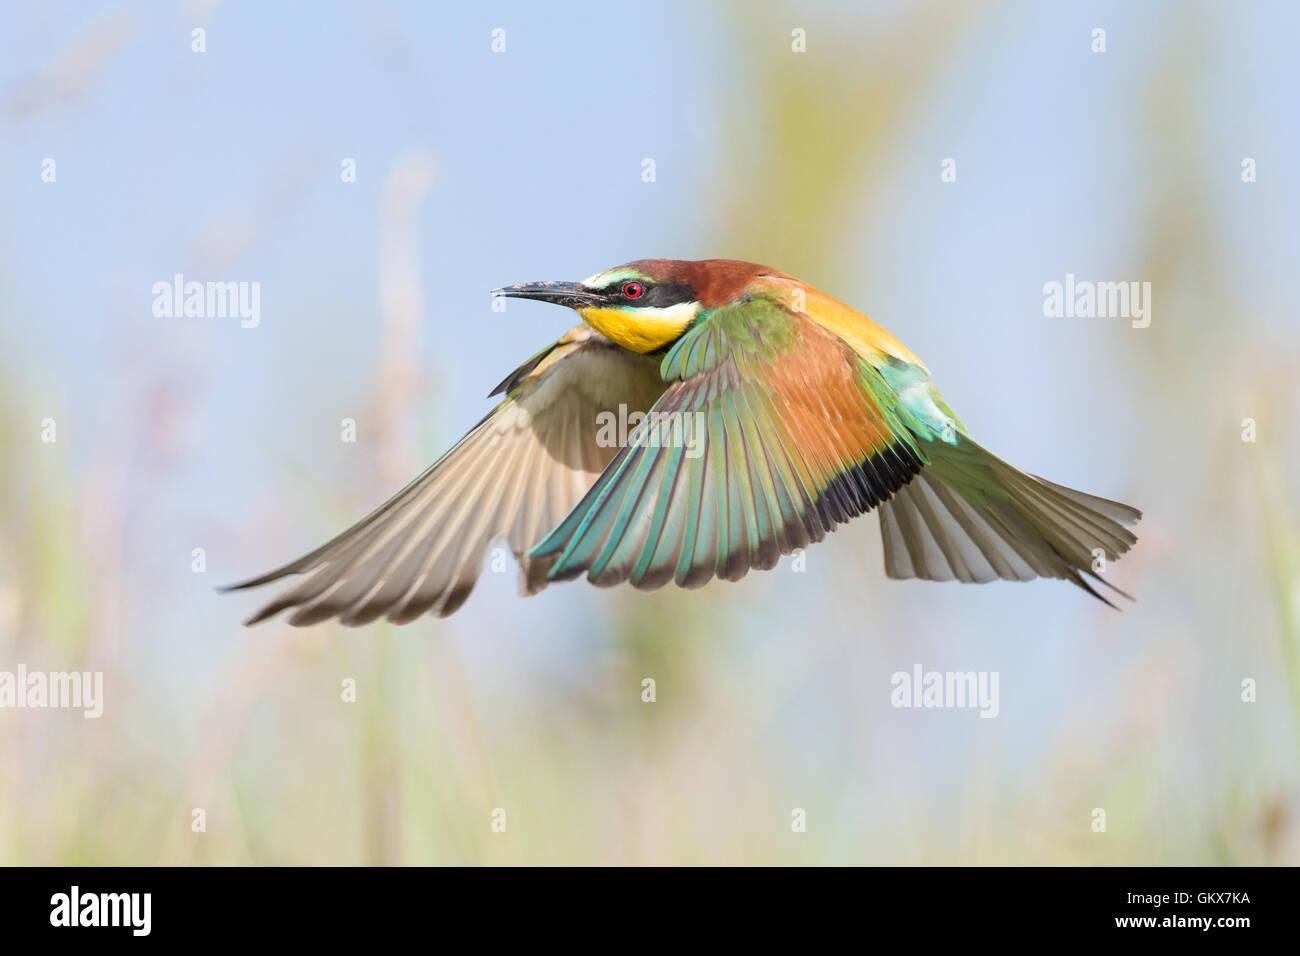 Guêpier d'Europe (Merops apiaster) en vol au-dessus d'une prairie Banque D'Images